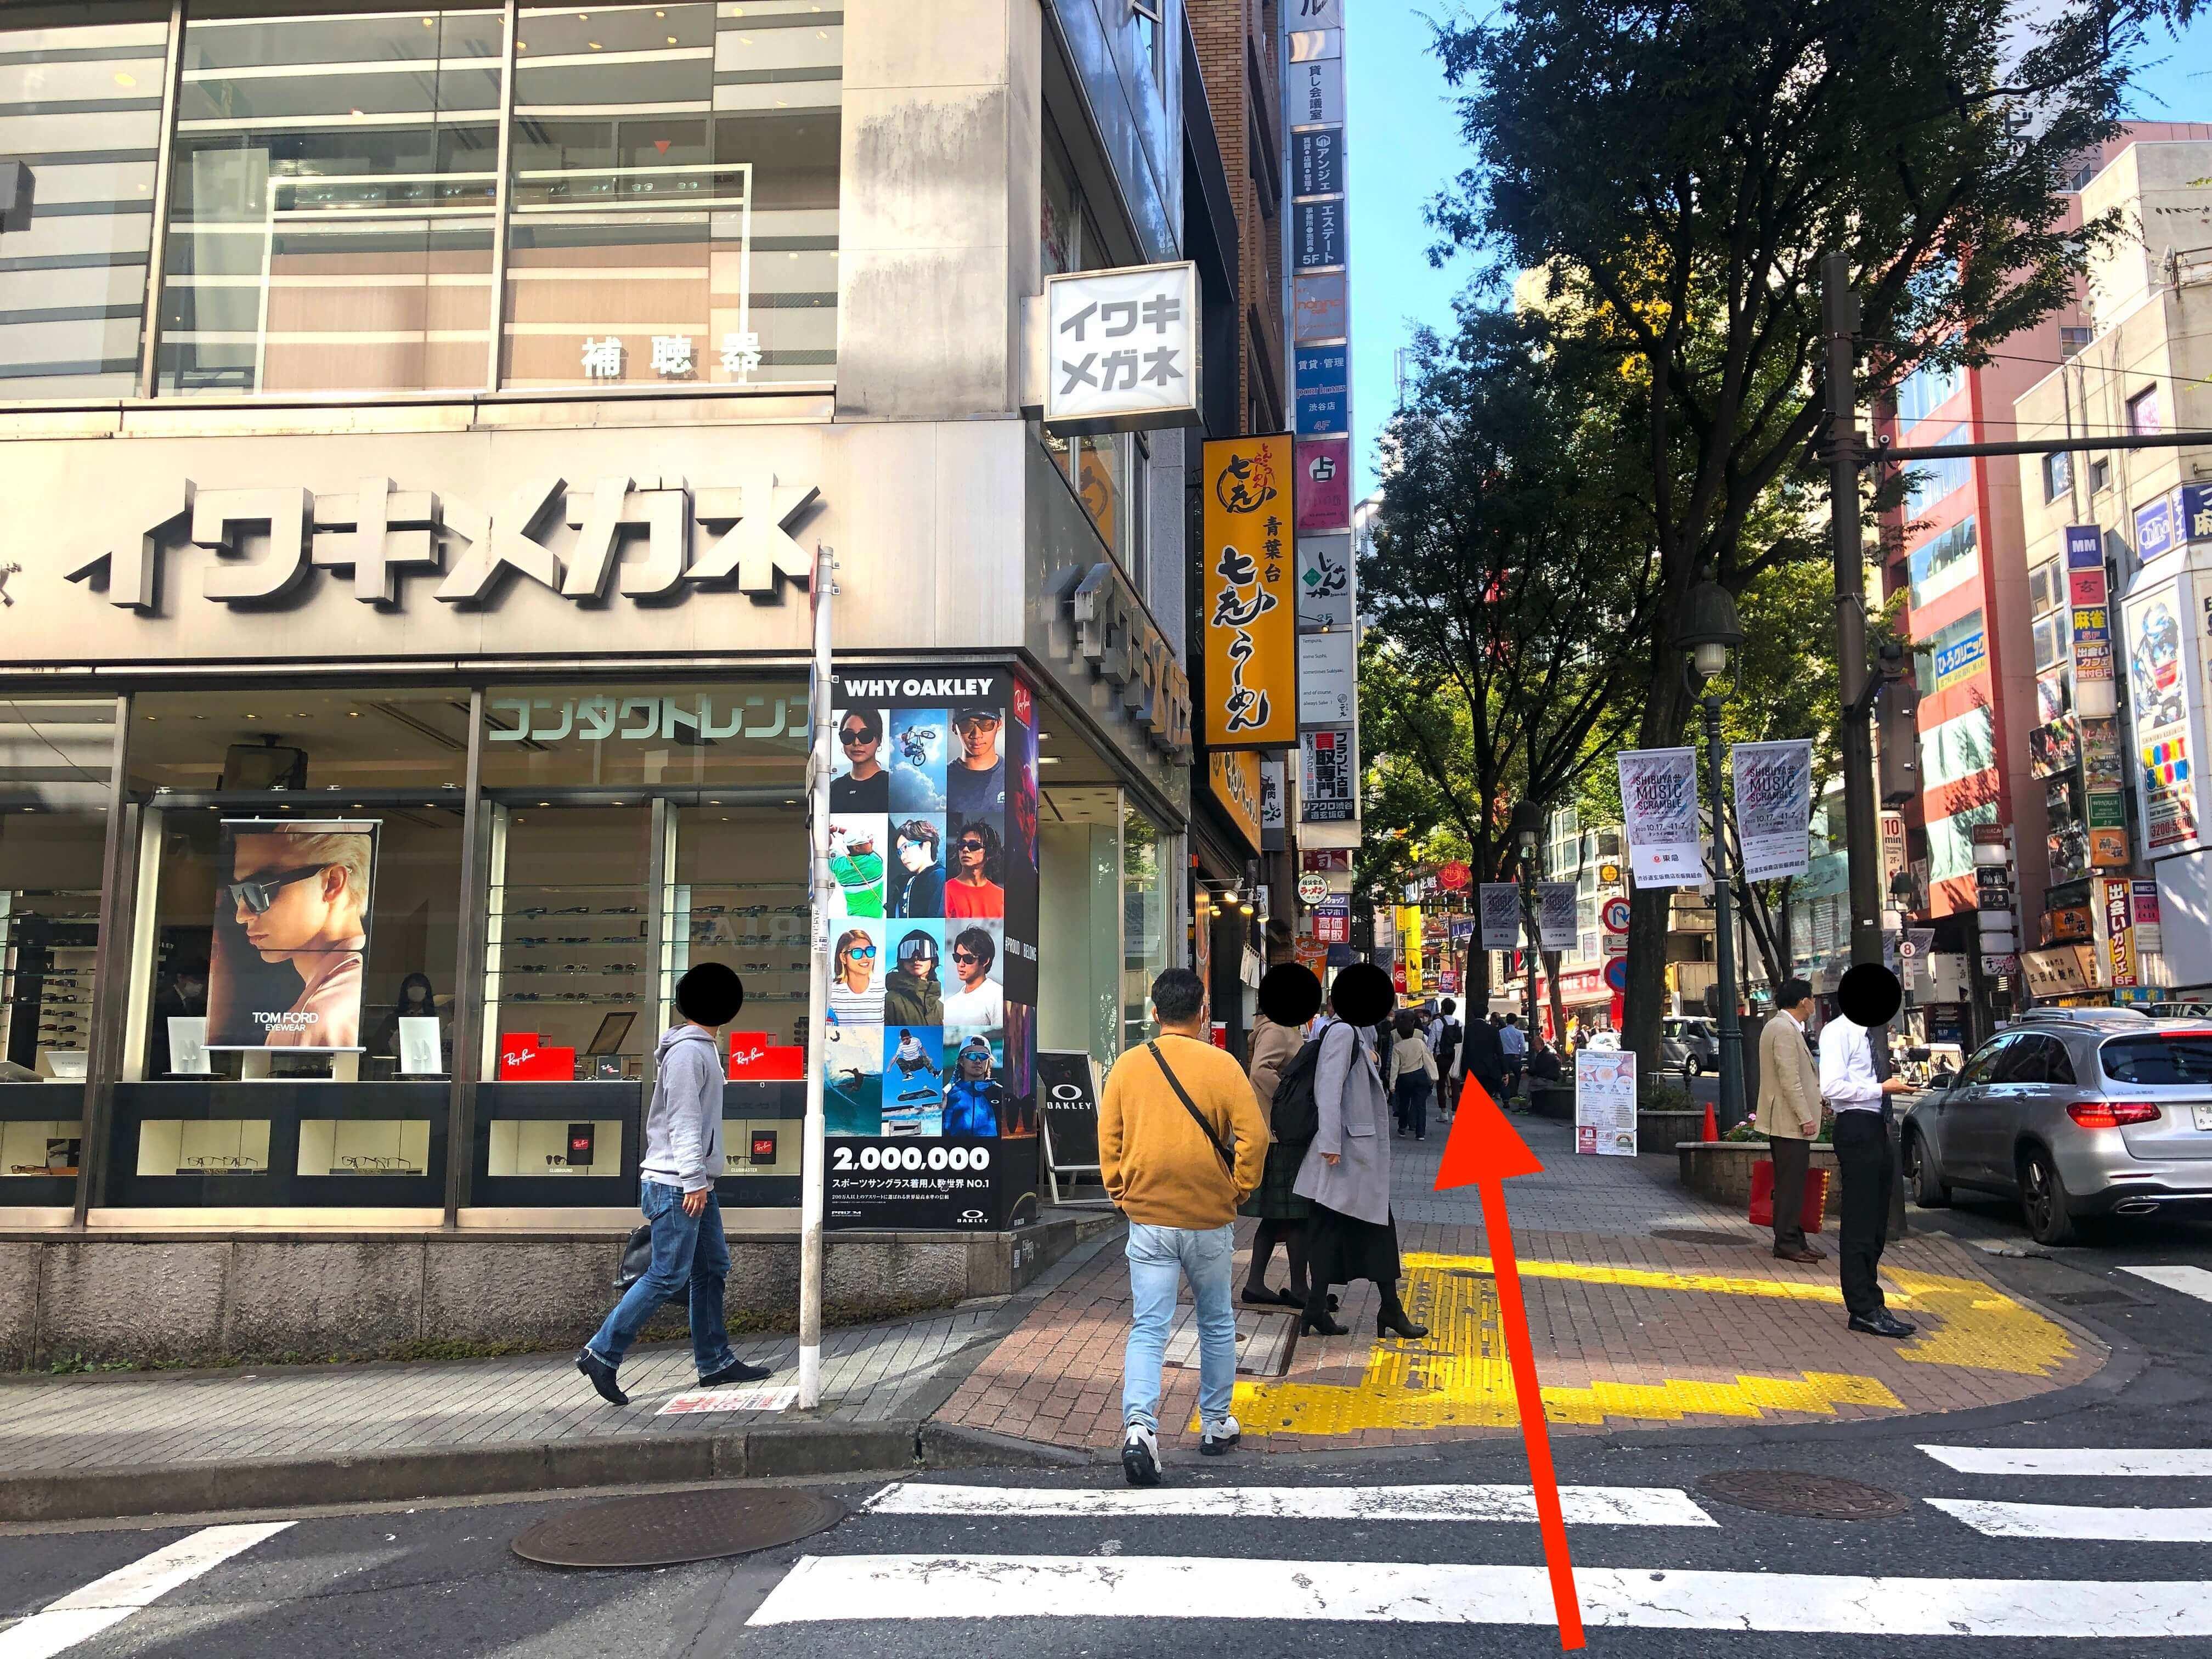 JR渋谷駅ハチ公出口から行き方5